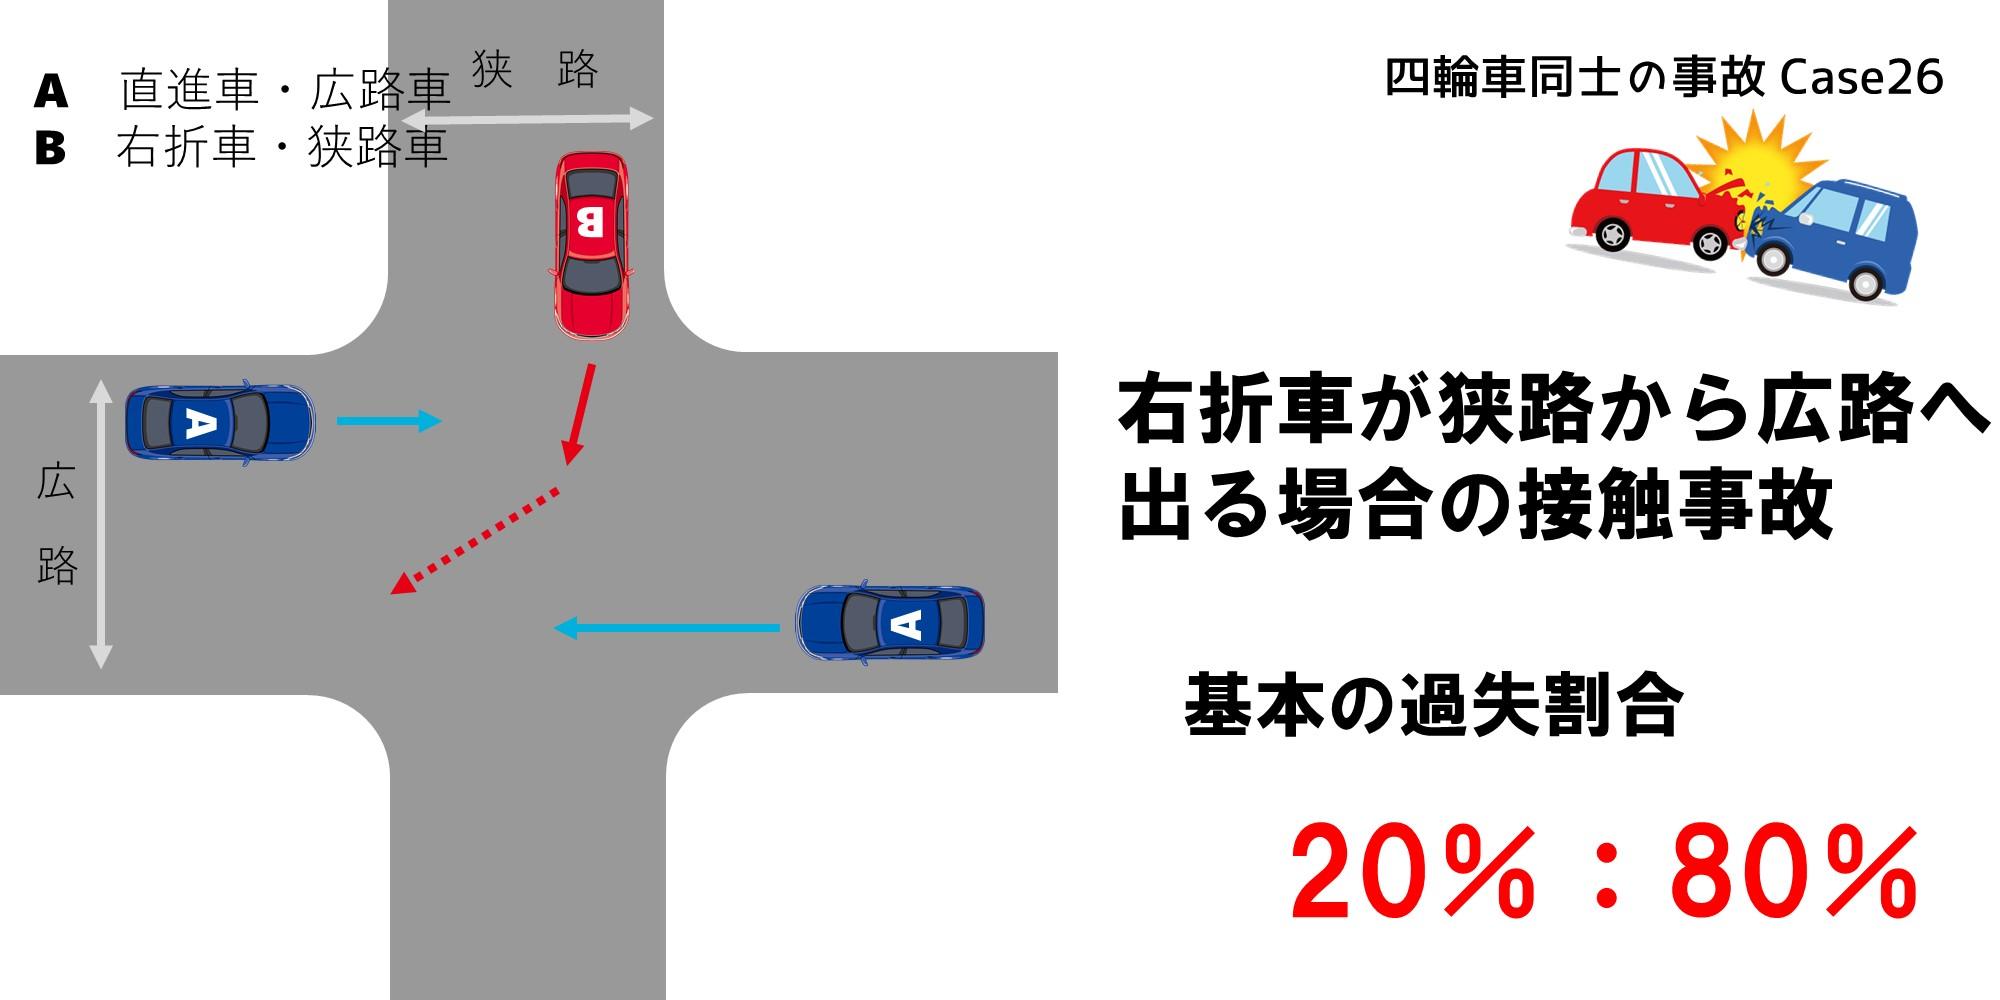 右折車が狭路から広路へ出る場合の過失割合